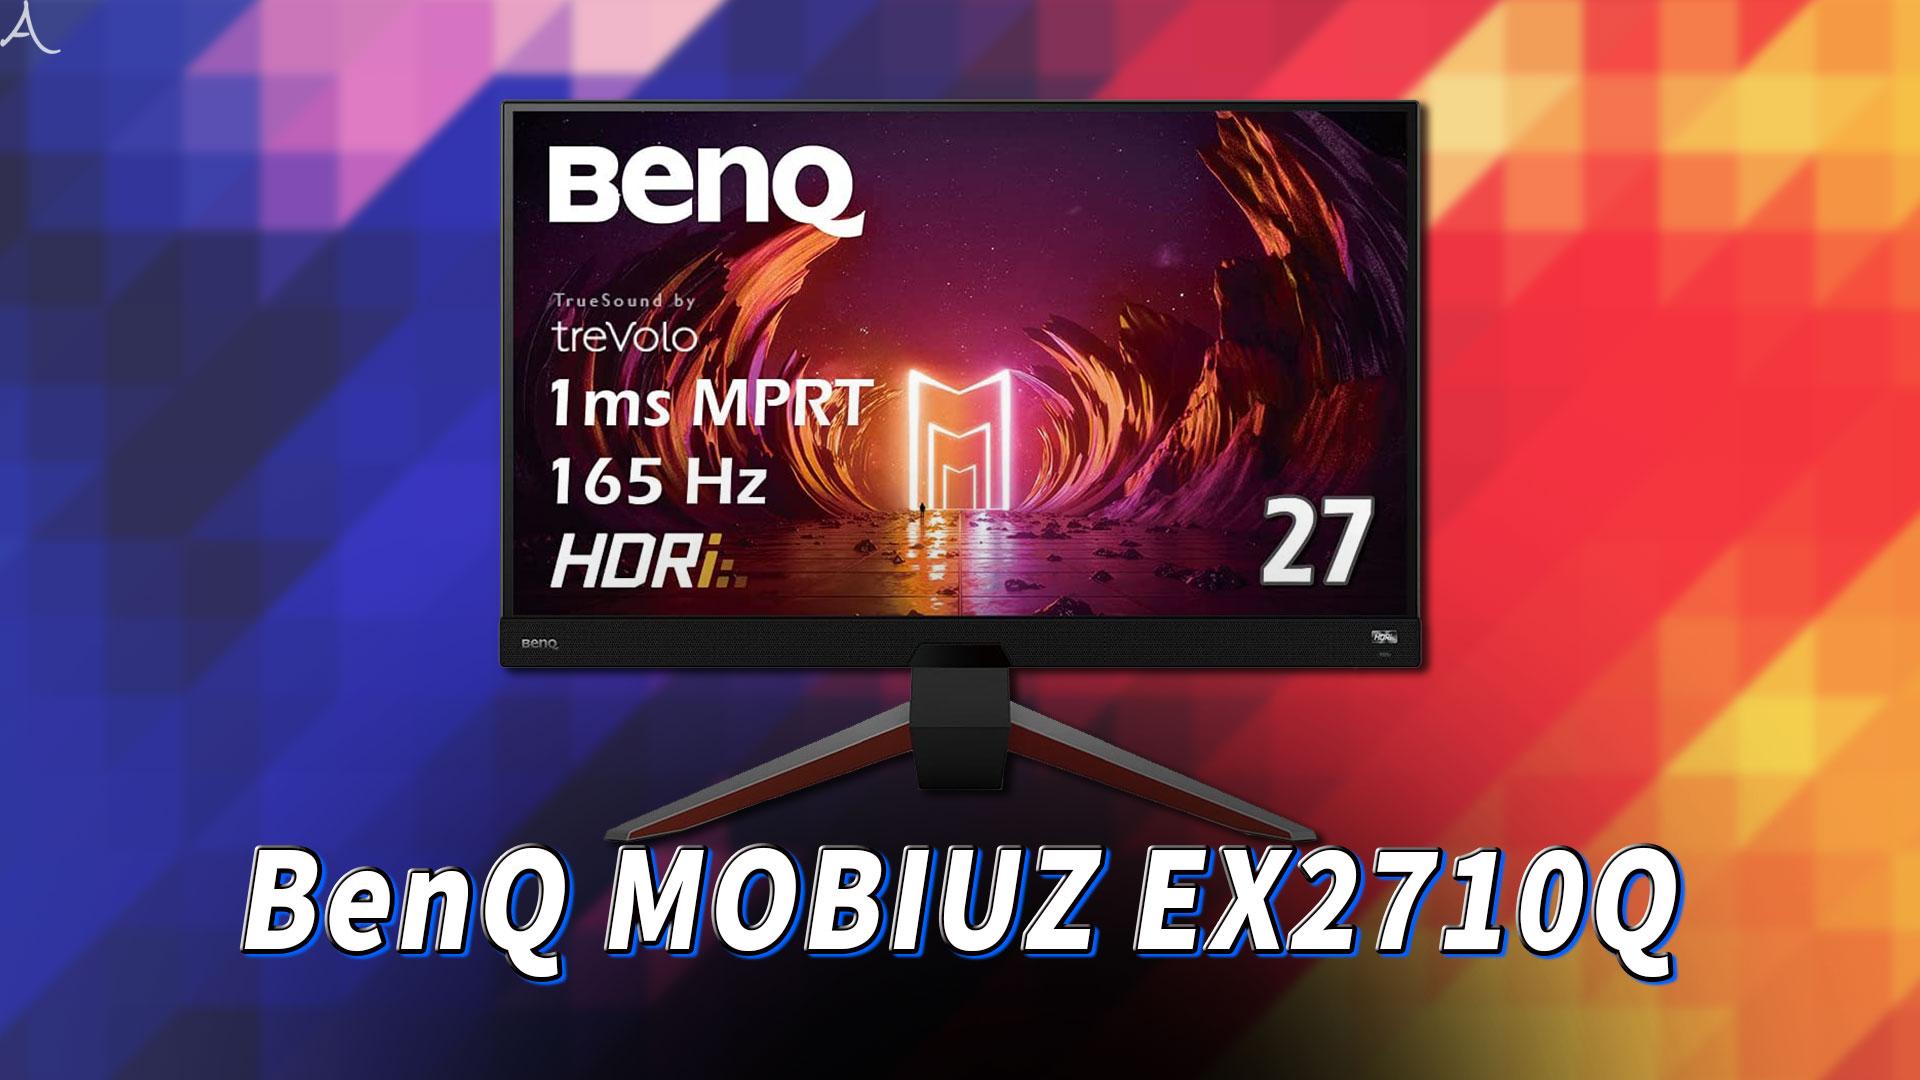 「BenQ MOBIUZ EX2710Q」ってモニターアーム使えるの?VESAサイズやおすすめアームはどれ?